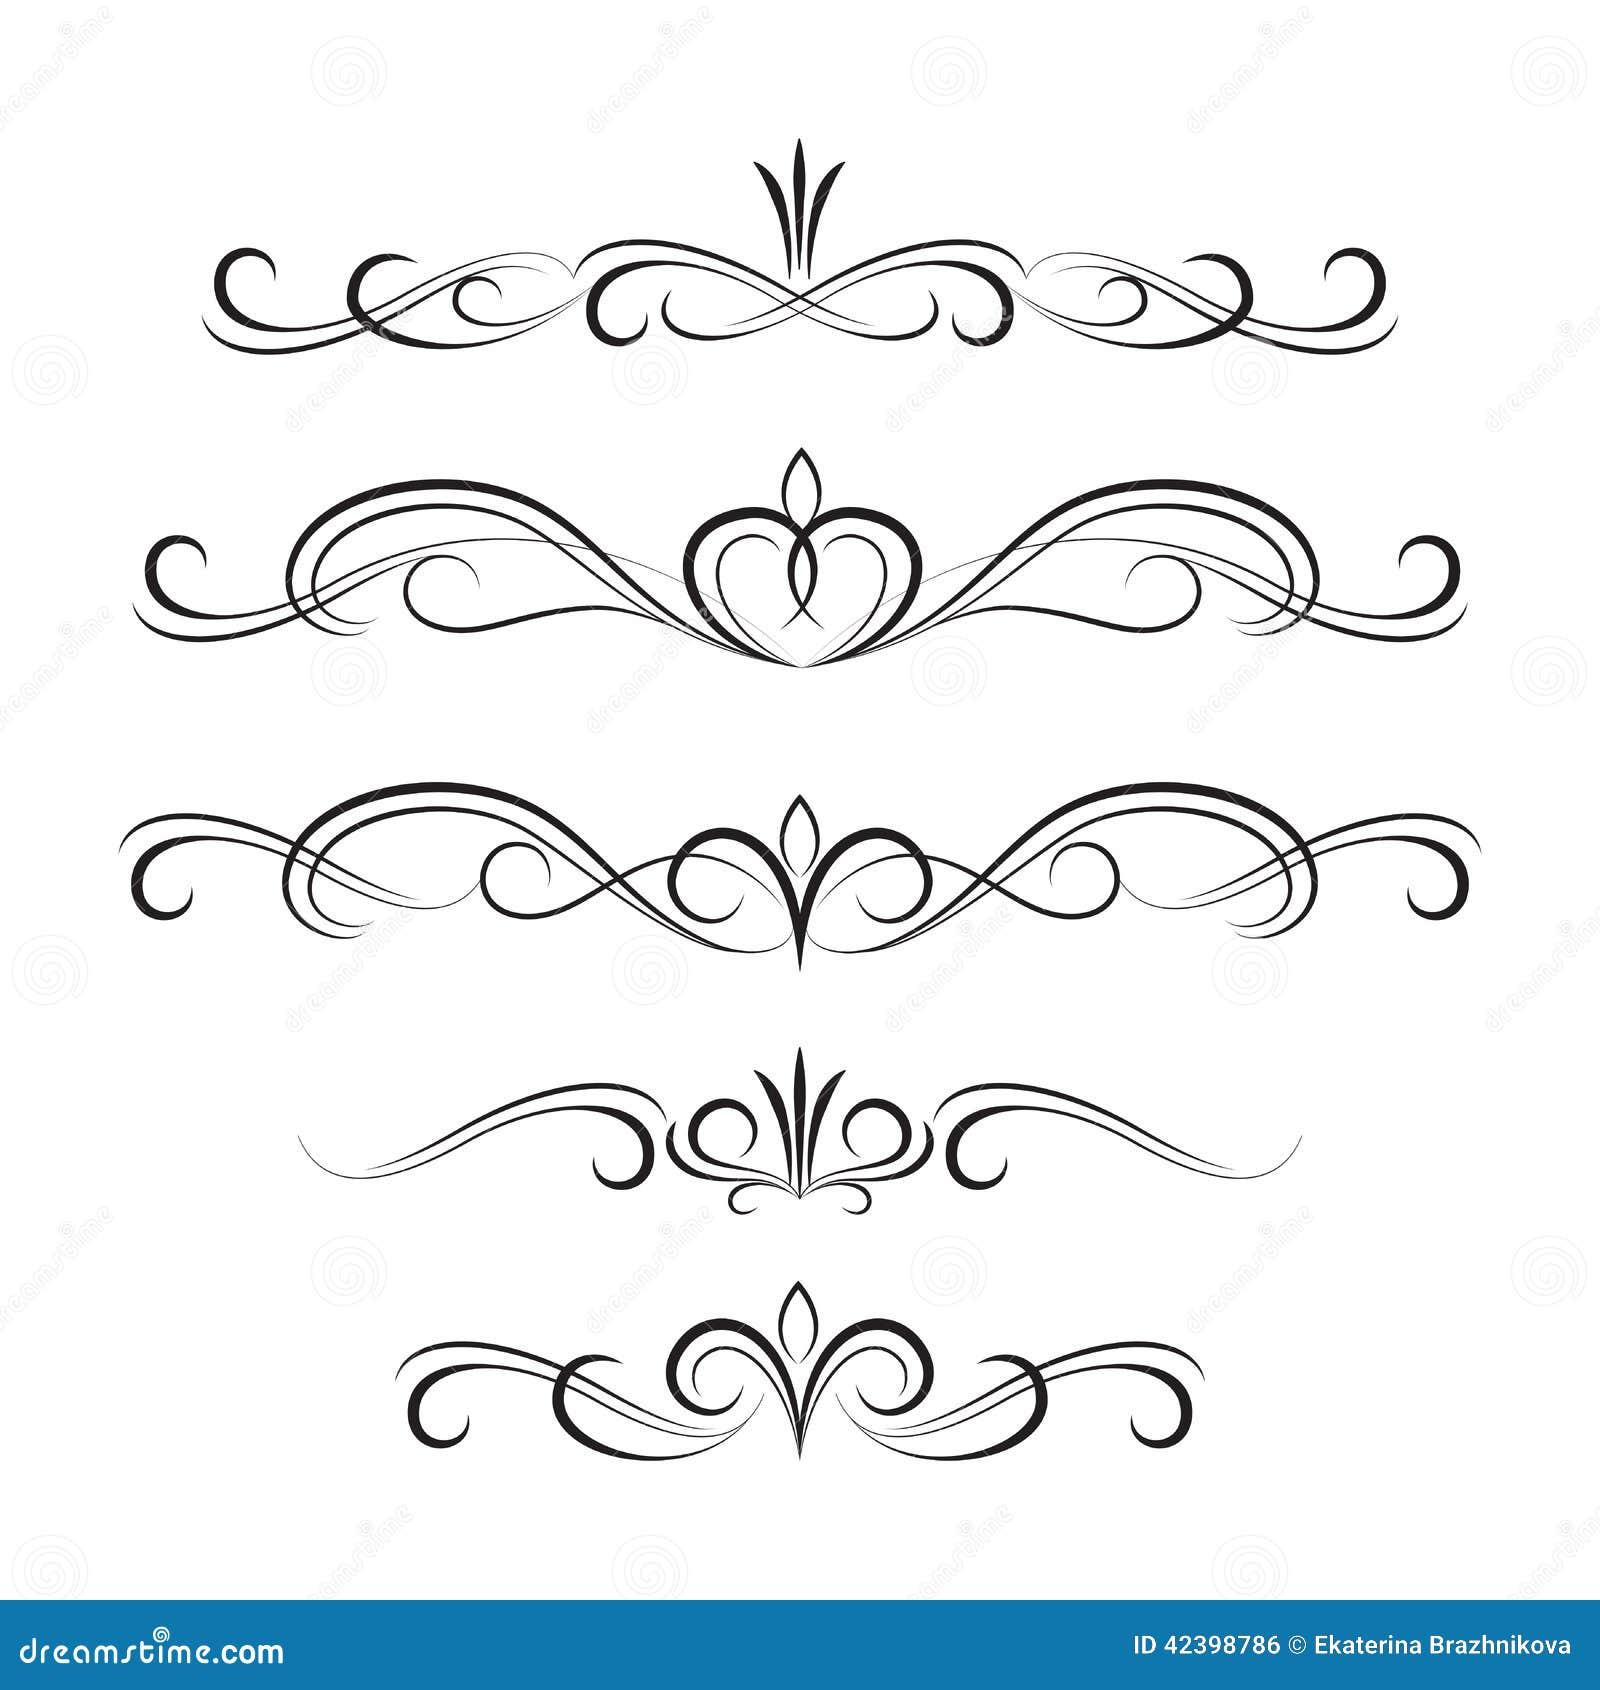 Elementi ed ornamenti ricci decorativi neri illustrazione for Greche decorative